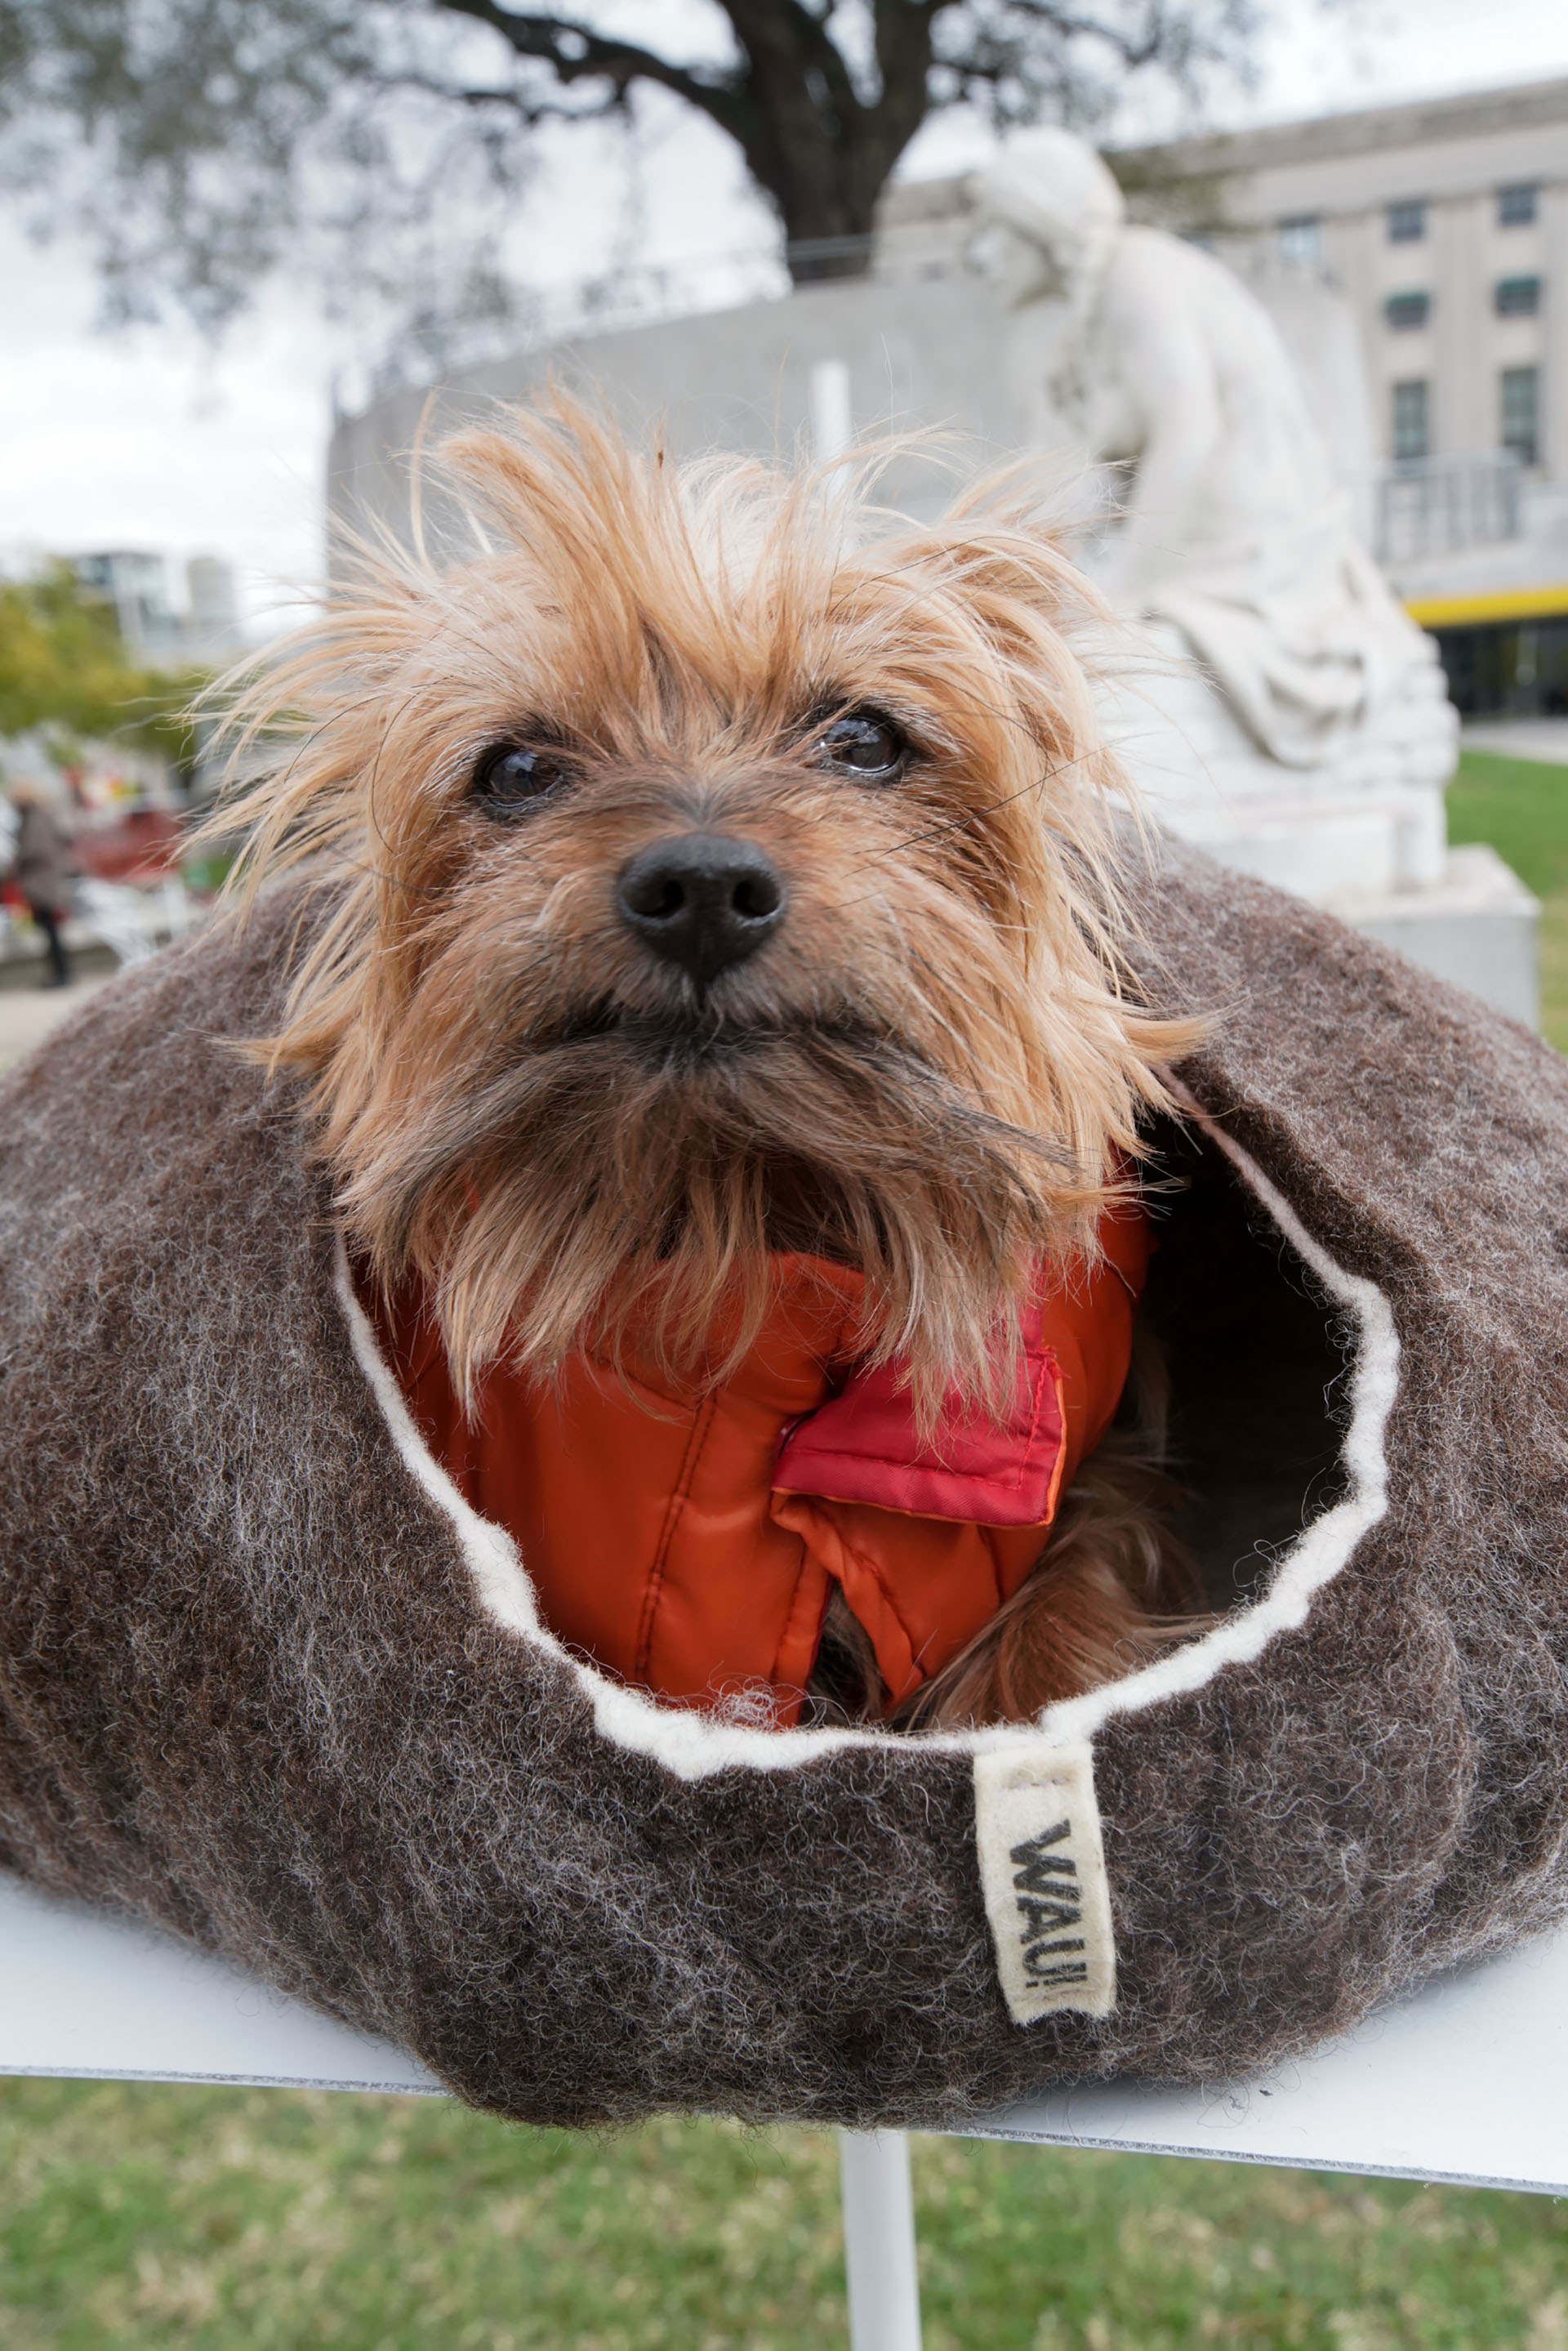 Una casita abrigada para combatir los últimos fríos y que los perros convivan con sus dueños dentro del hogar